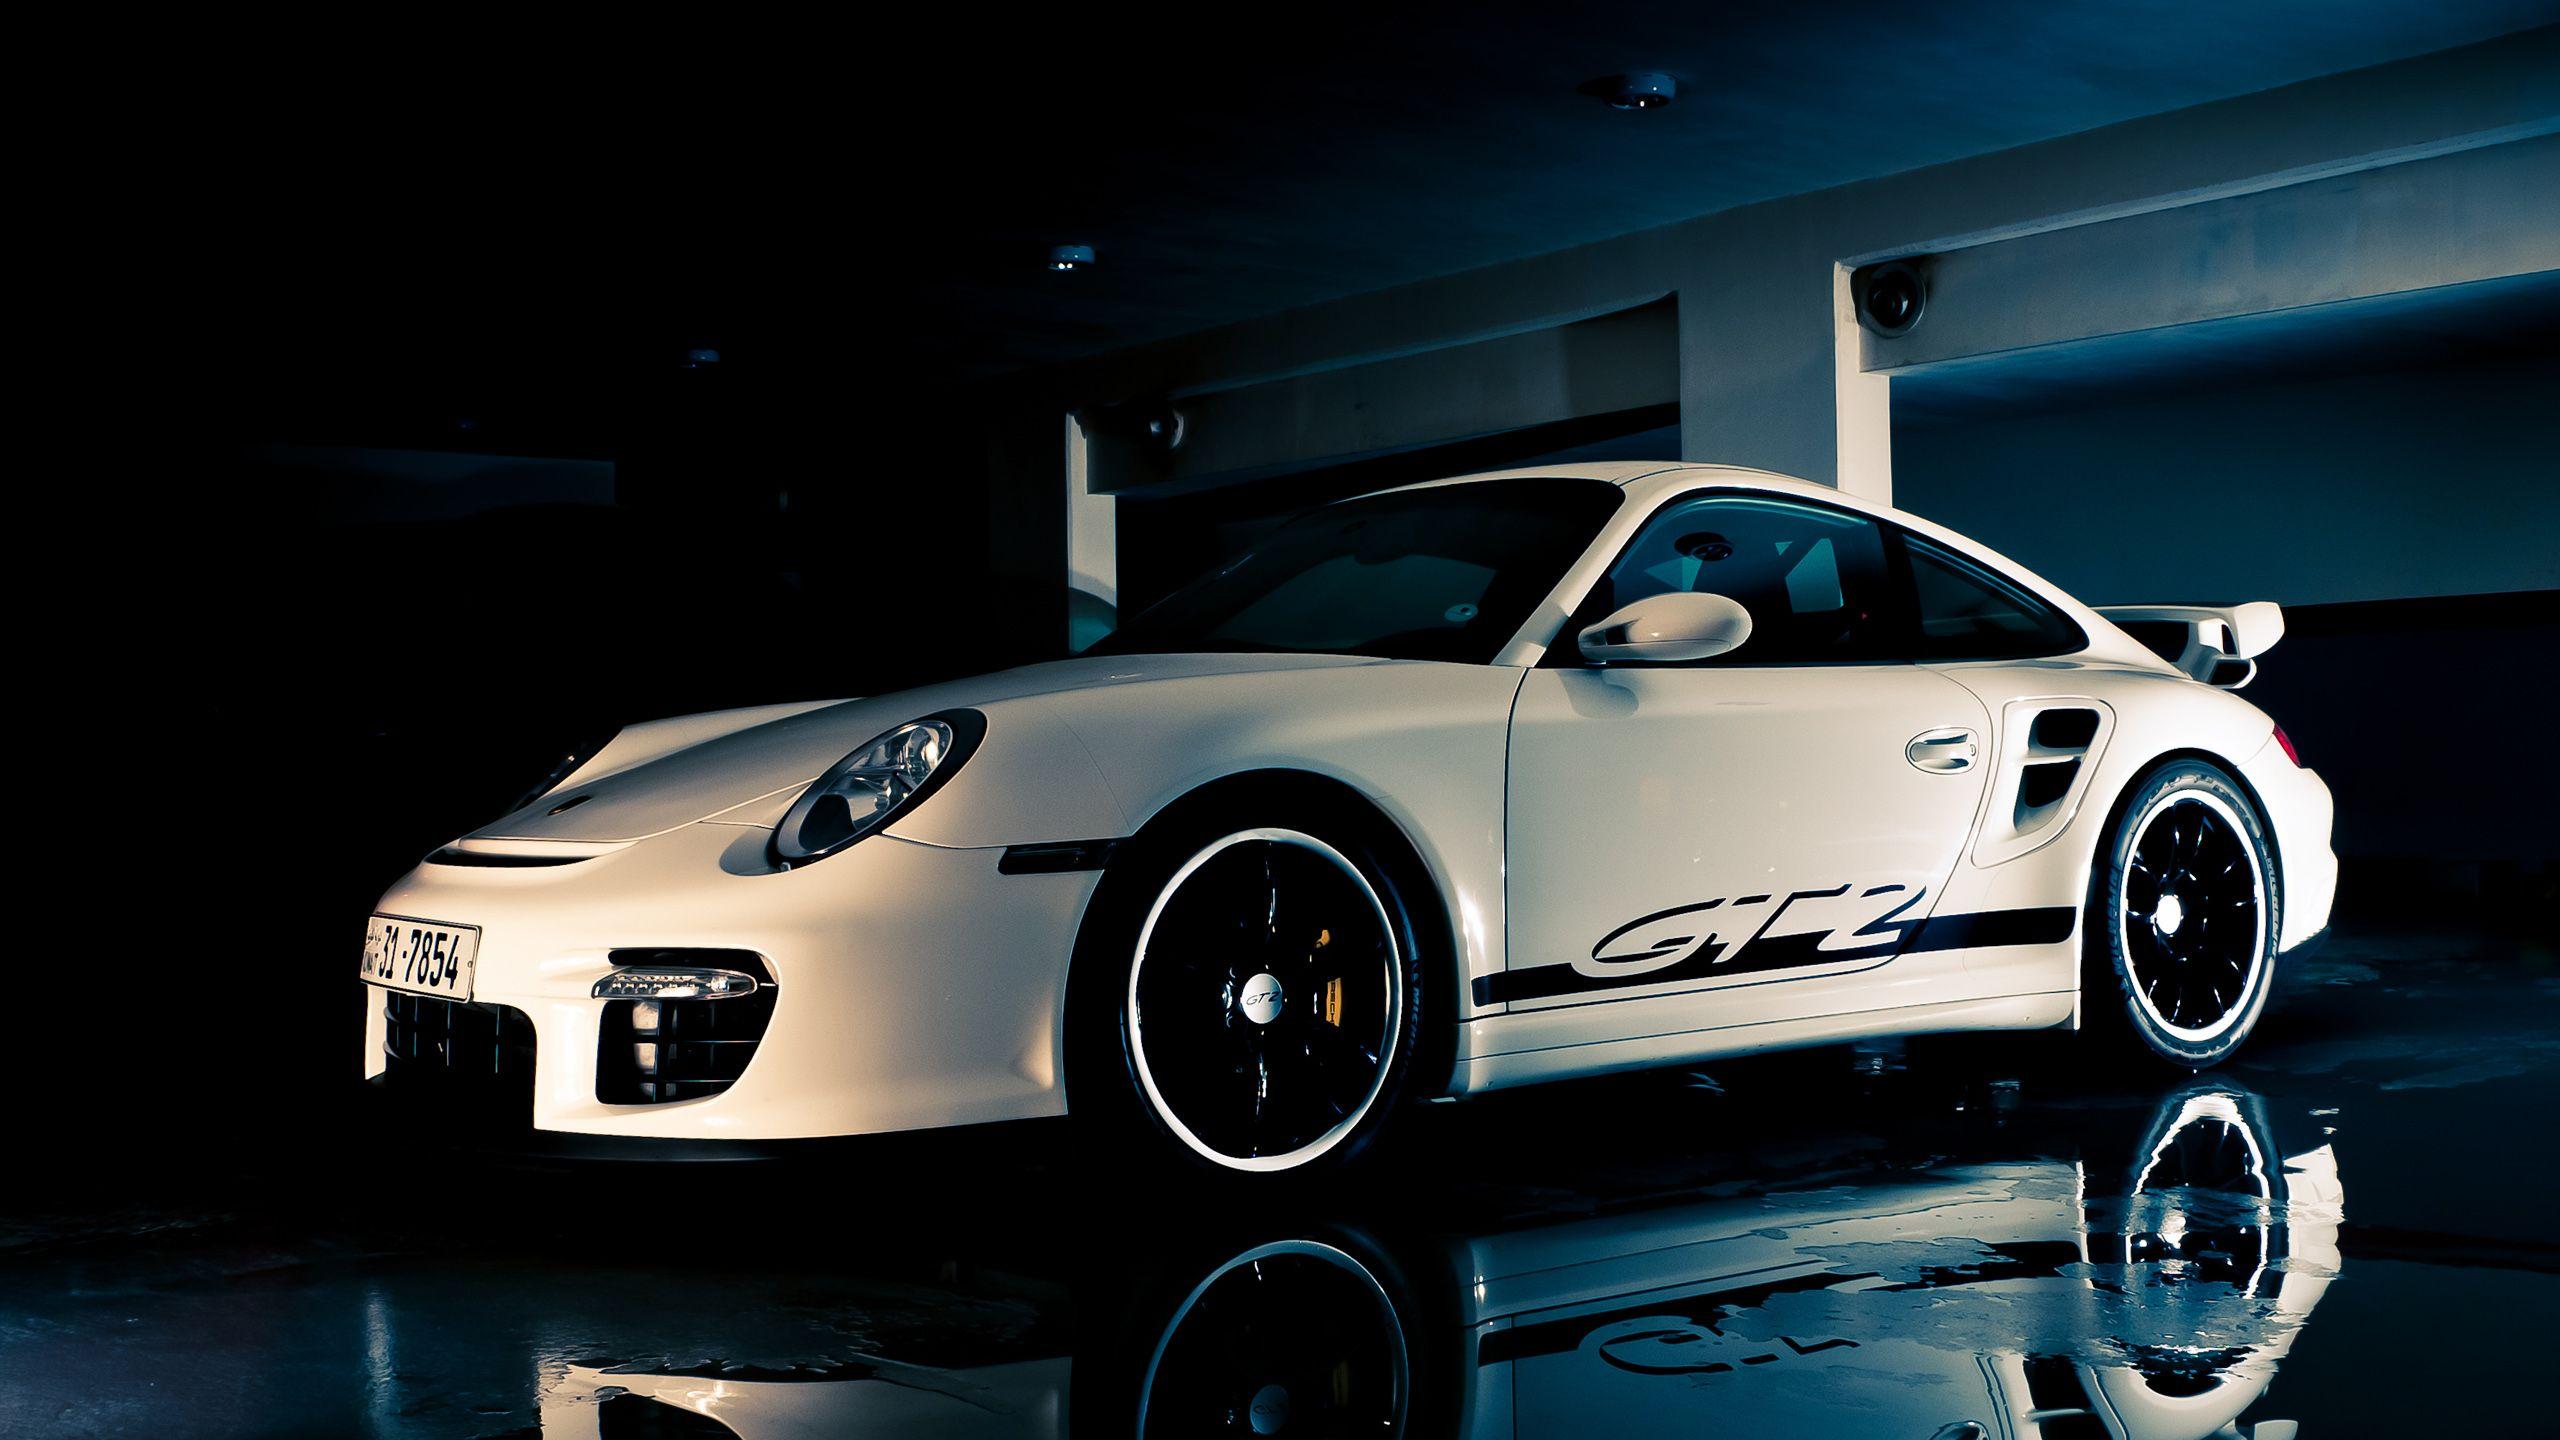 Porsche Gt Cup Wallpaper Wallpaperup 2560 1440 Porsche 997 Wallpapers 50 Wallpapers Adorable Wallpapers Porsche Hintergrundbilder Hintergrundbilder Hd